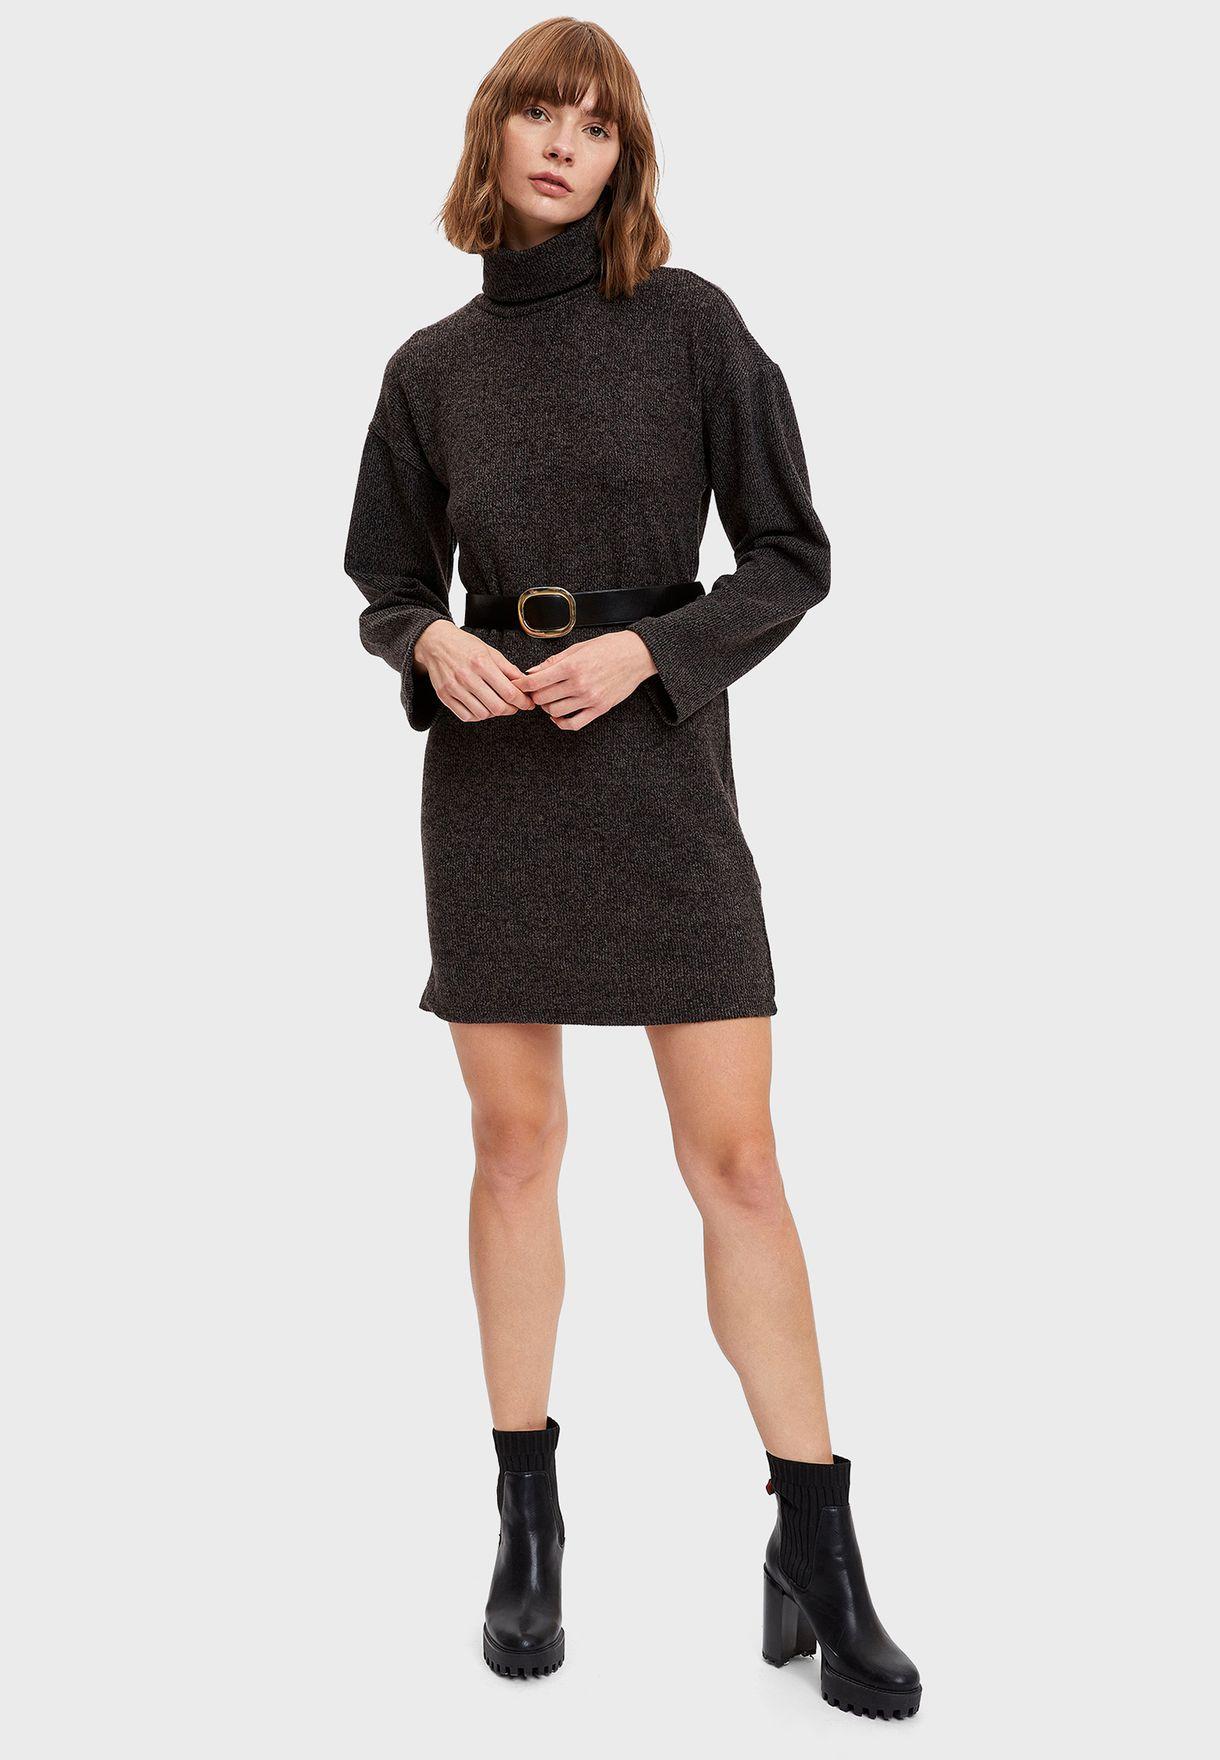 فستان بياقة عالية واكمام طويلة